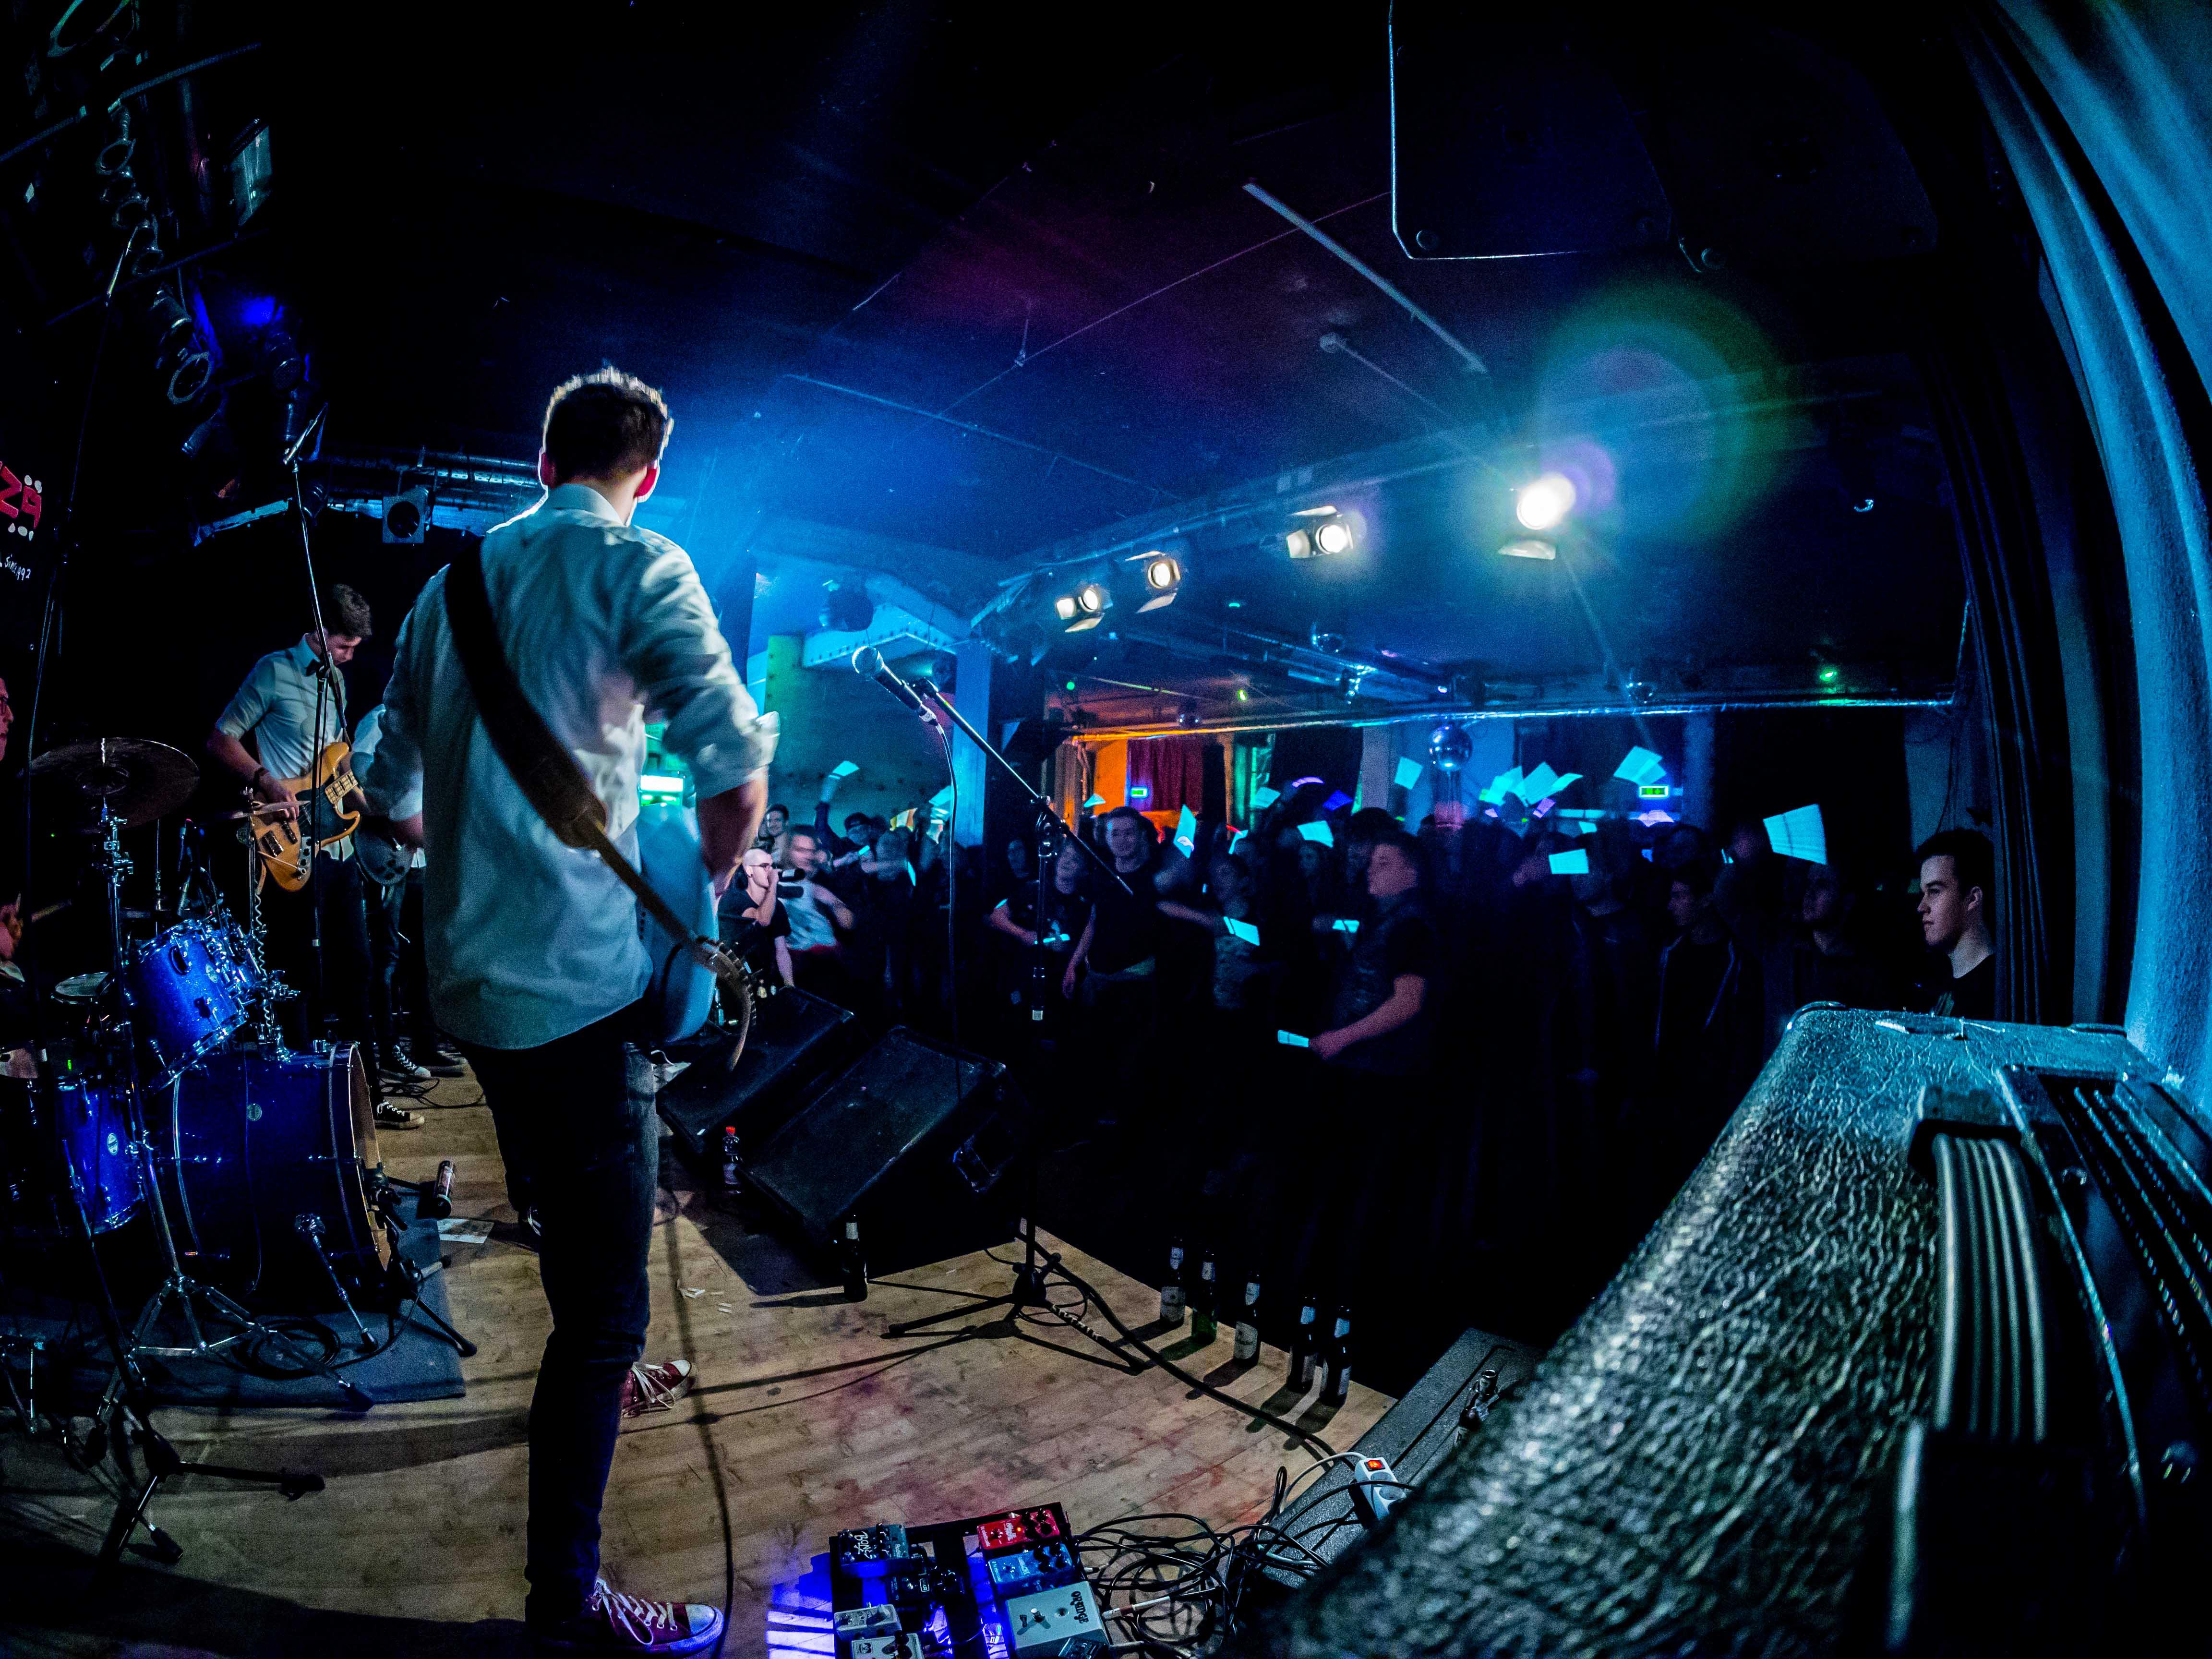 Emerganza Bandfestival Vorrunde Live Sputnikhalle Münster - Marry a Beer